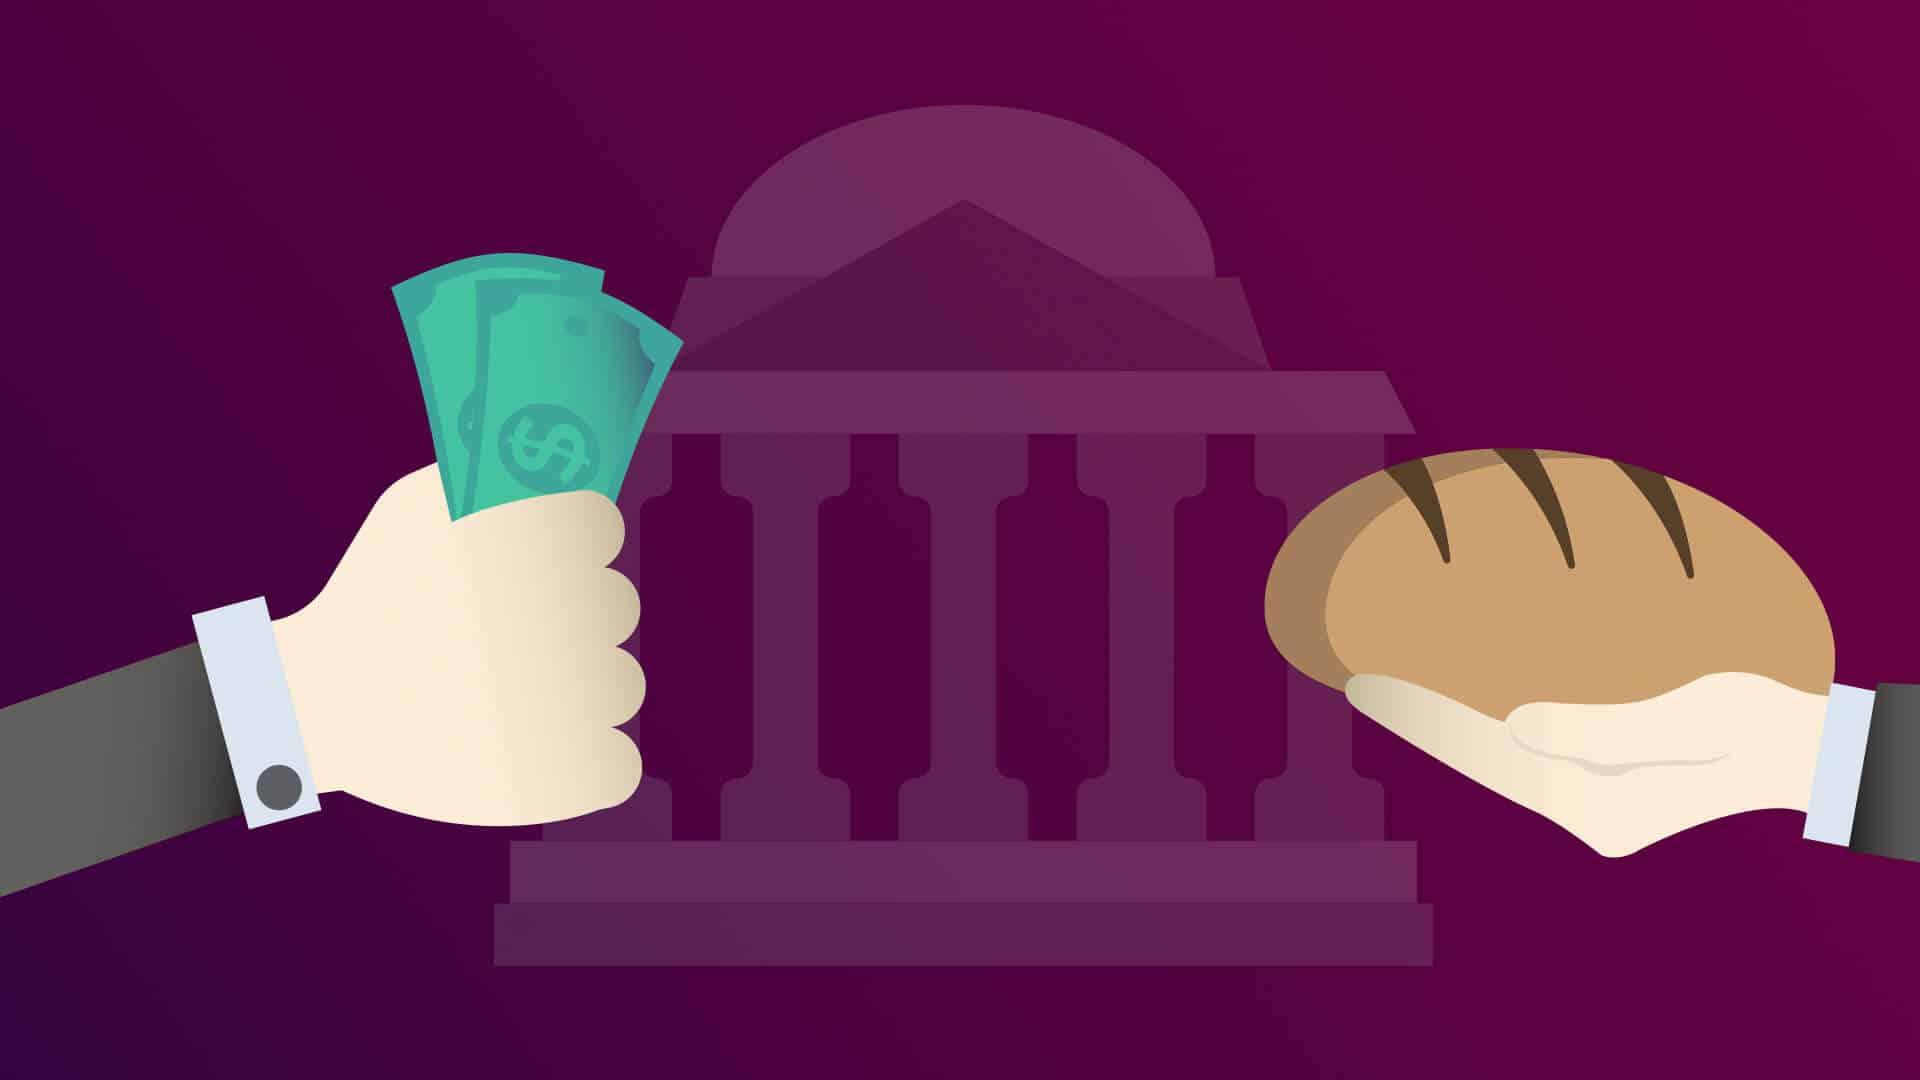 Geldscheine und Brot, symbolisieren die Frage nach dem Wert des Geldes, nach Fiatgeld und Kryptowährungen wie Bitcoin, Ethereum, Ripple, Tron etc